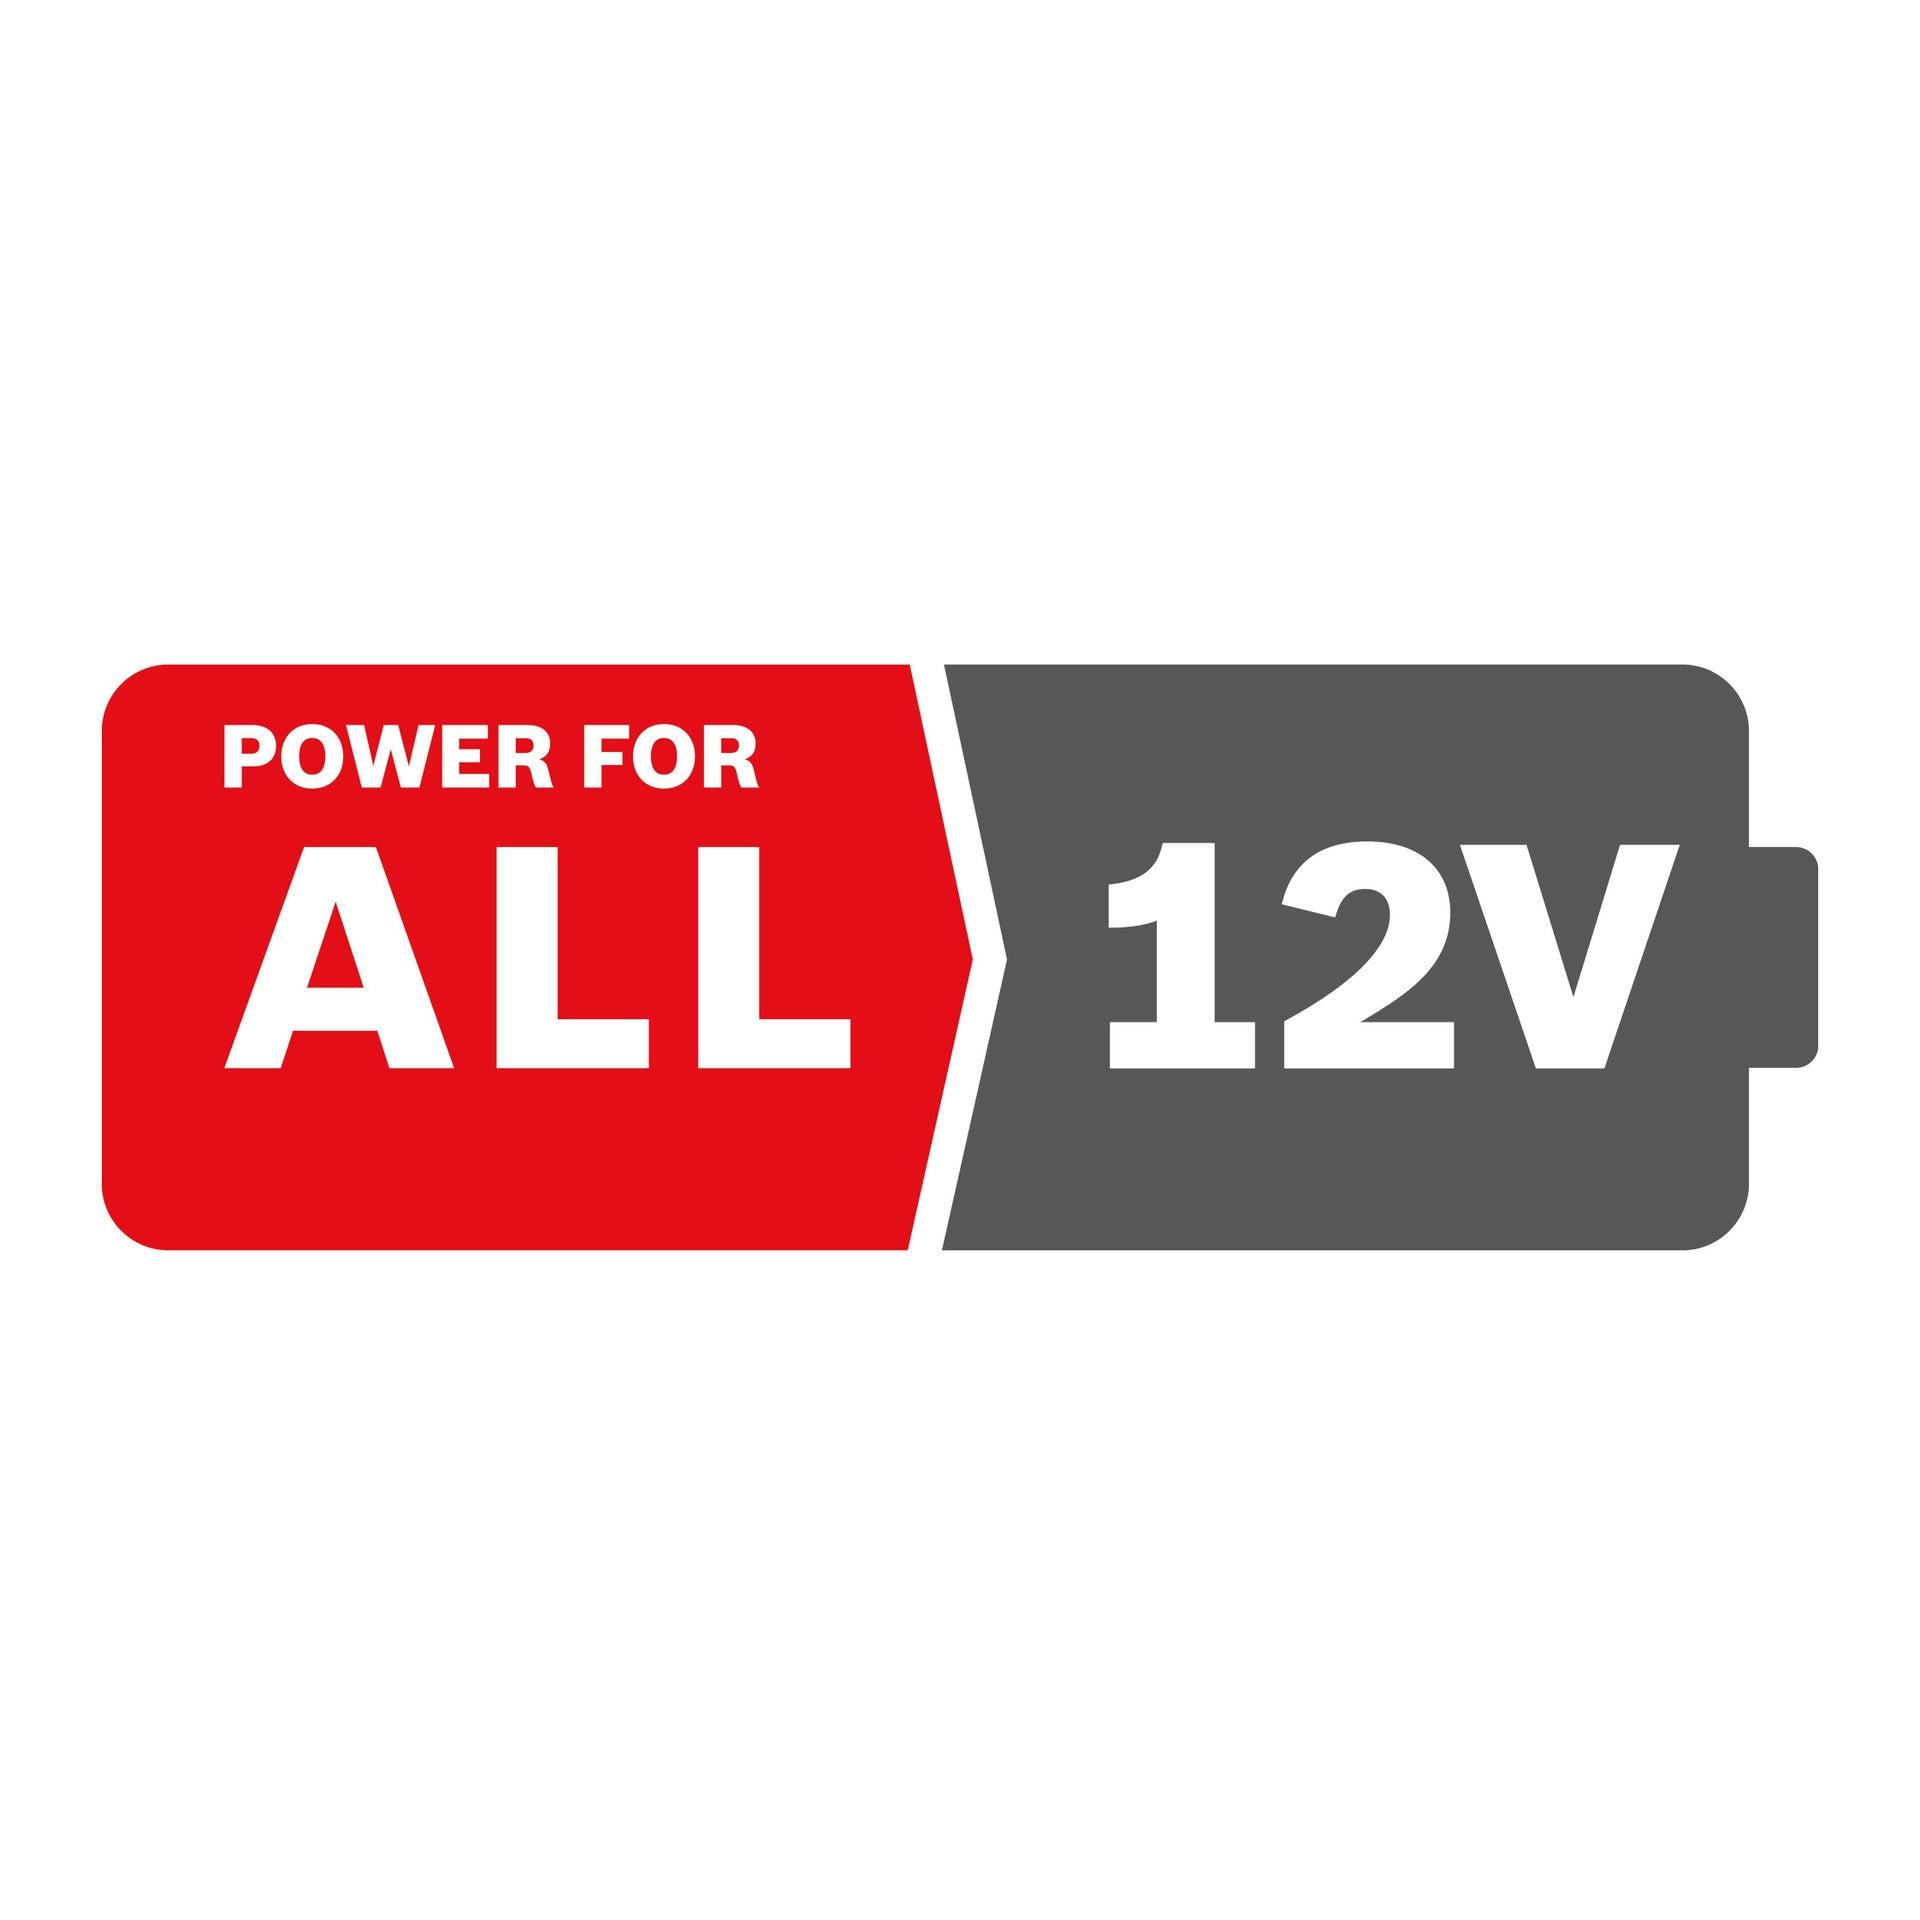 Trapano avvitatore a batteria BOSCH EasyDrill 1200 12 V, 1.5 Ah, 1 batteria - 10